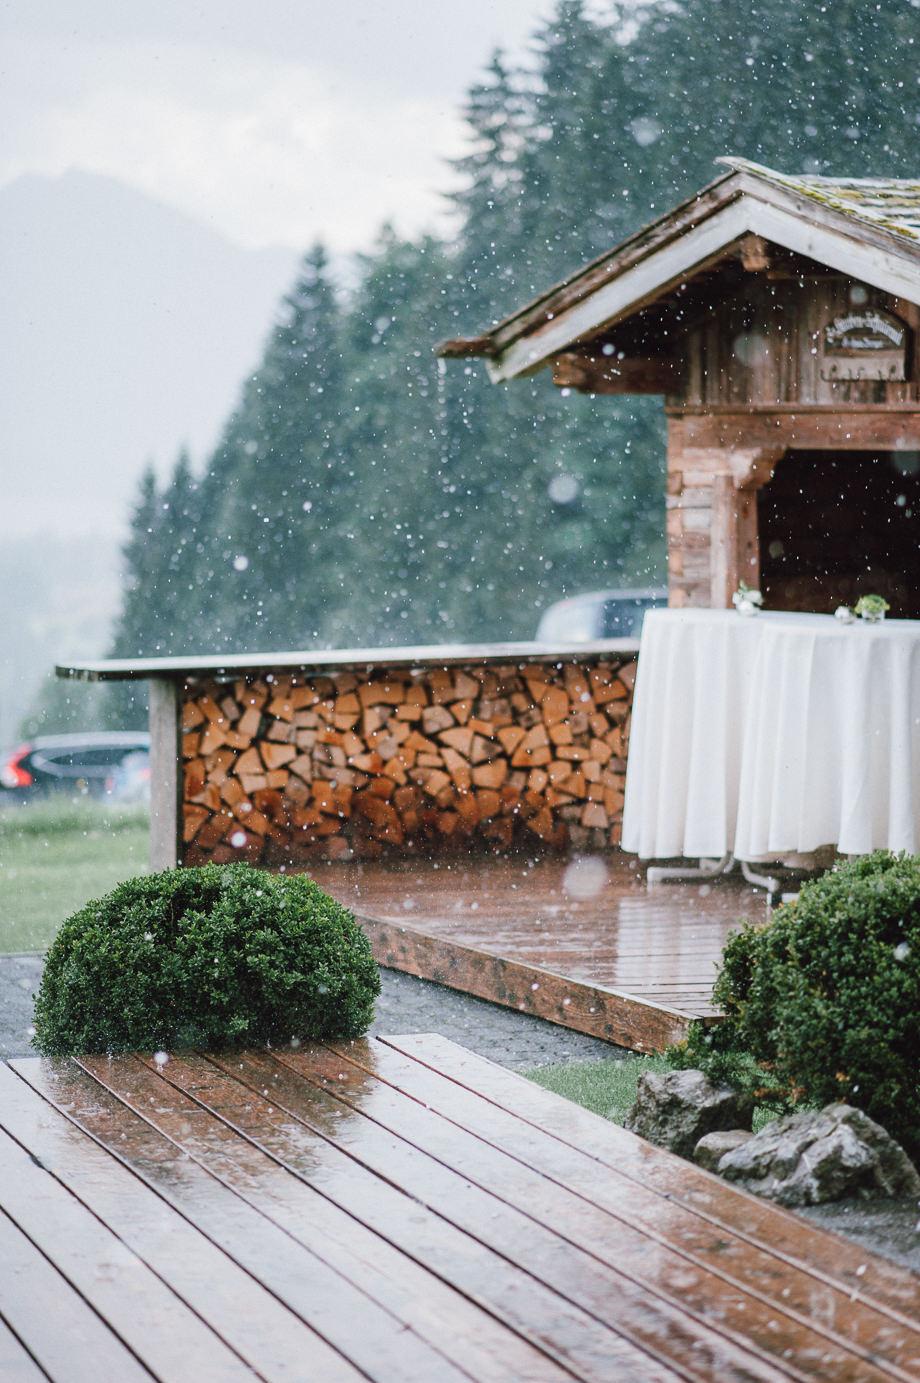 Hochzeit_Tegernsee_Lauraelenaphotography_Lake_Wedding_Freihaus_Brenner_Mountainwedding_Sommerhochzeit_NewYork_Seeblick_068